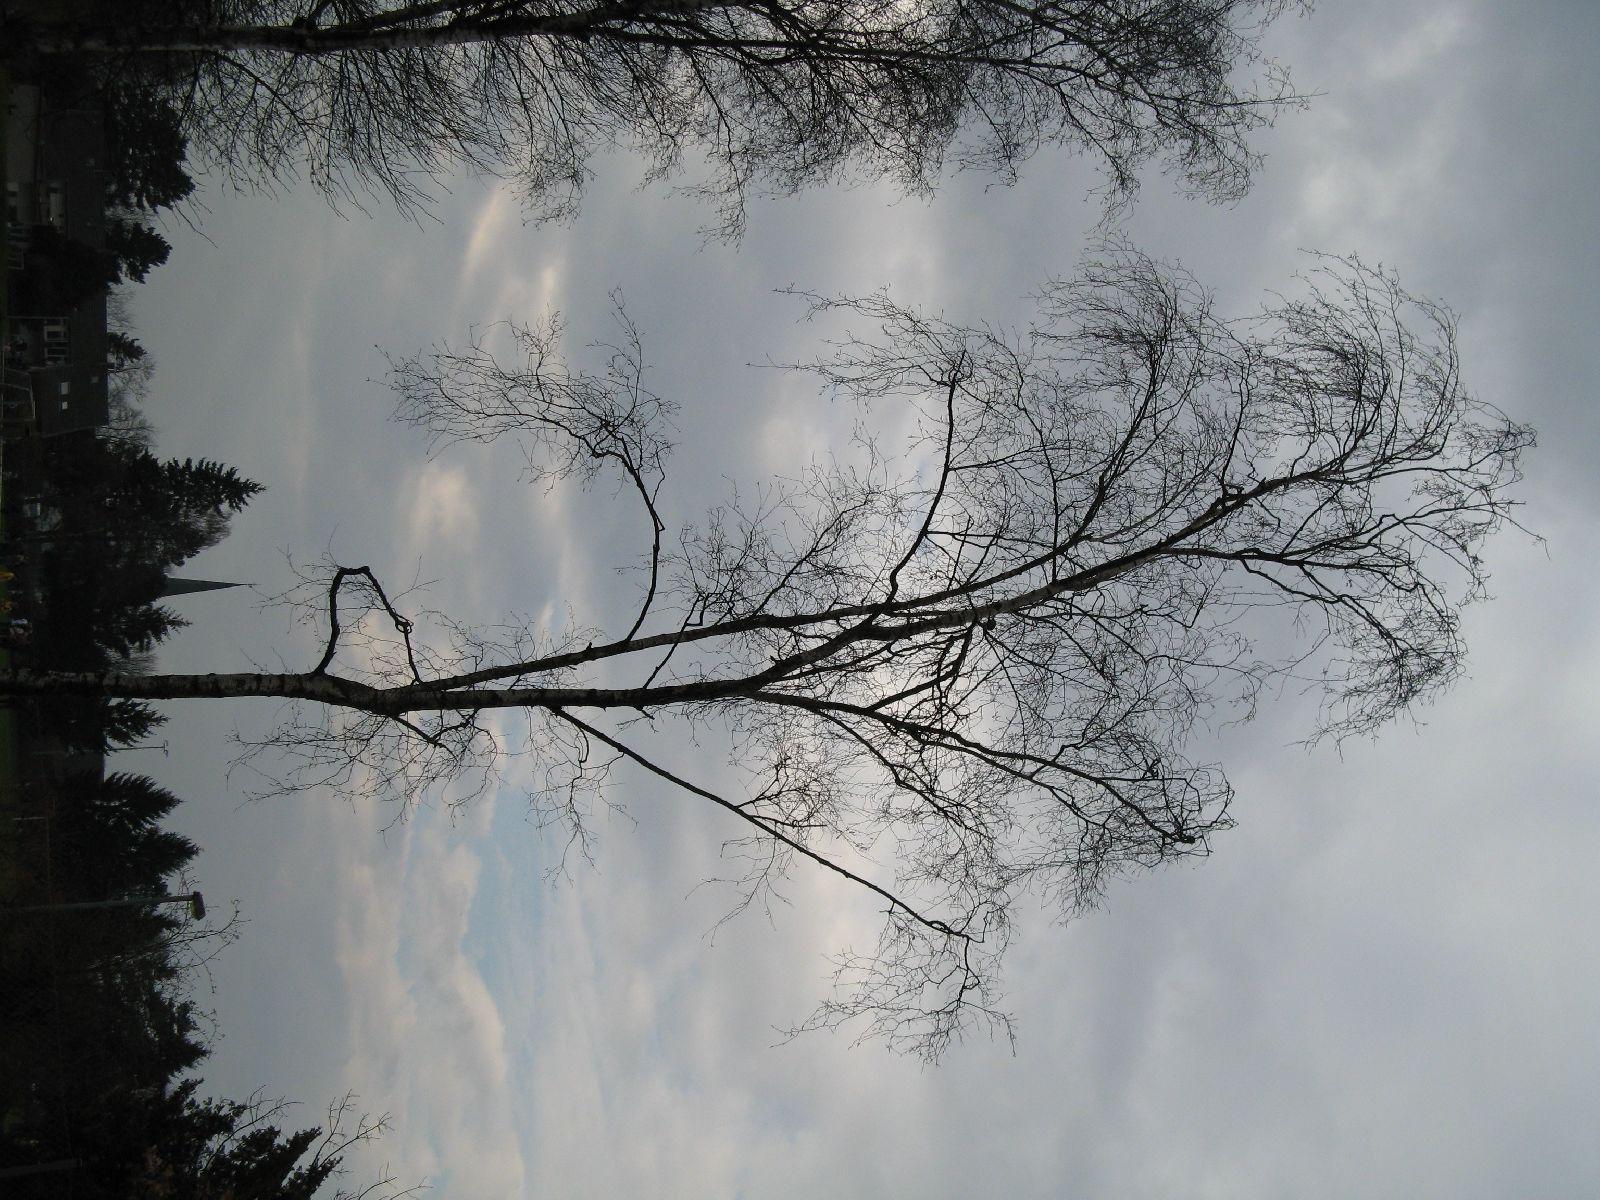 Pflanzen-Baum-Silhouette-Foto_Textur_B_43150